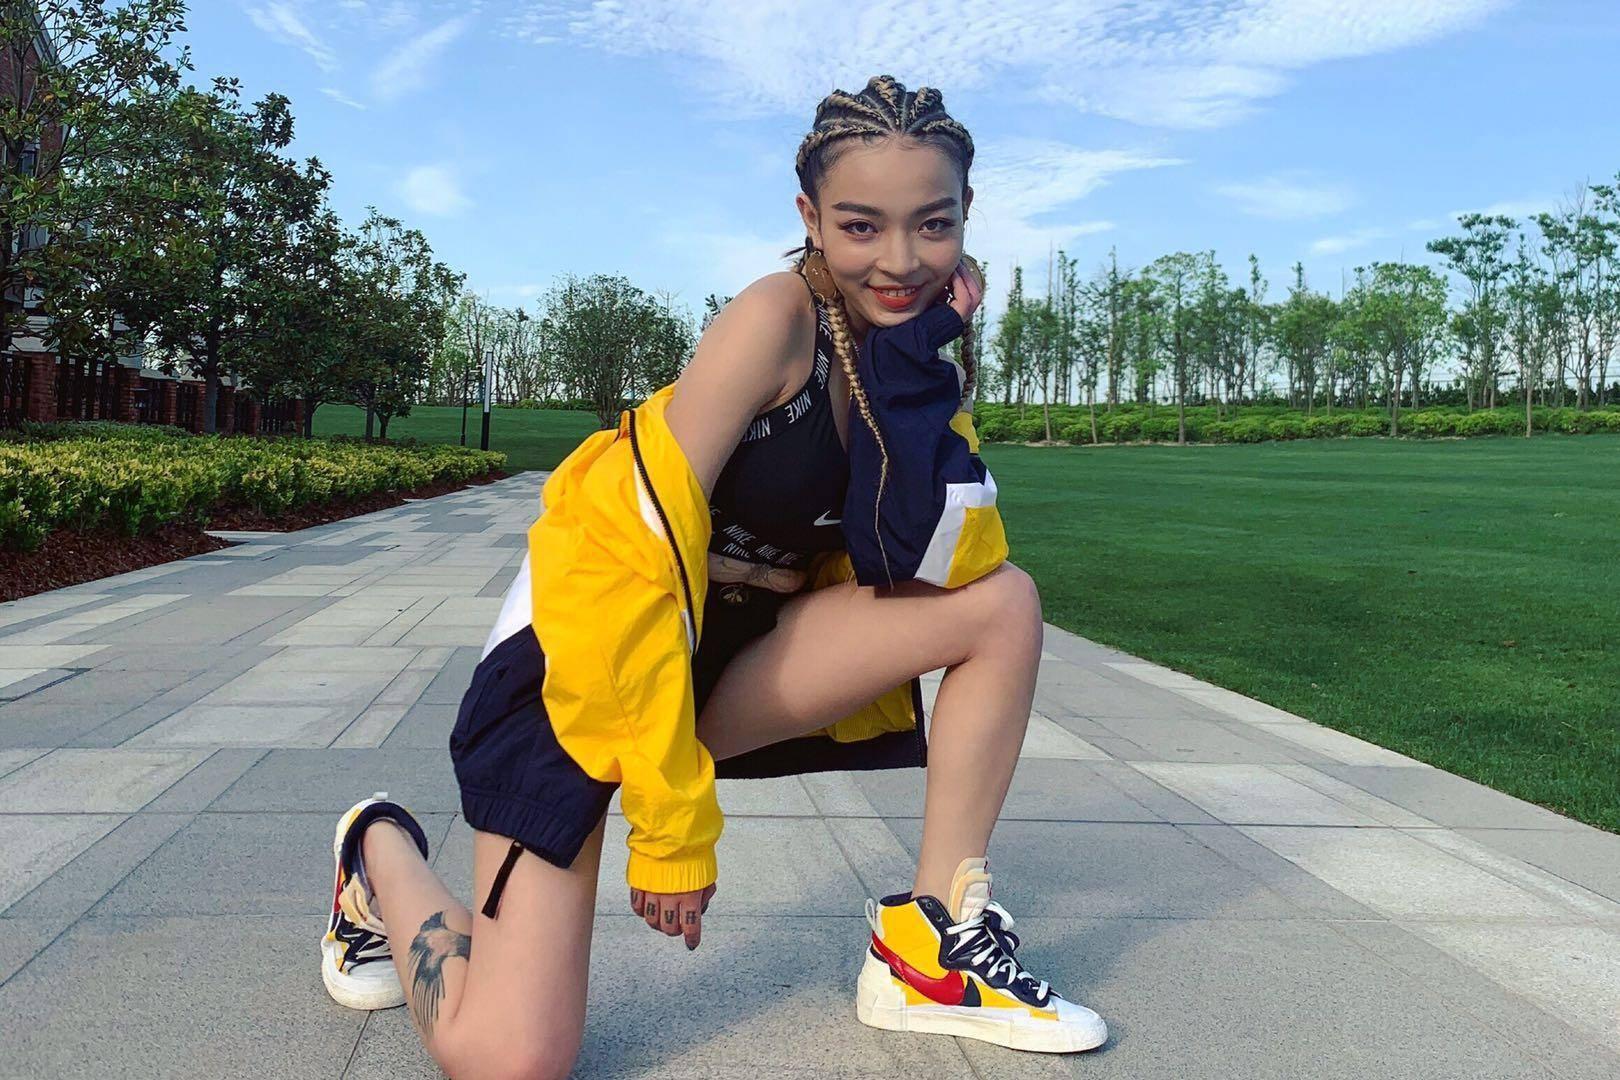 《新嘻哈歌曲》走出去的明星,欧阳靖协作刘德华,她却被剪去广角镜头